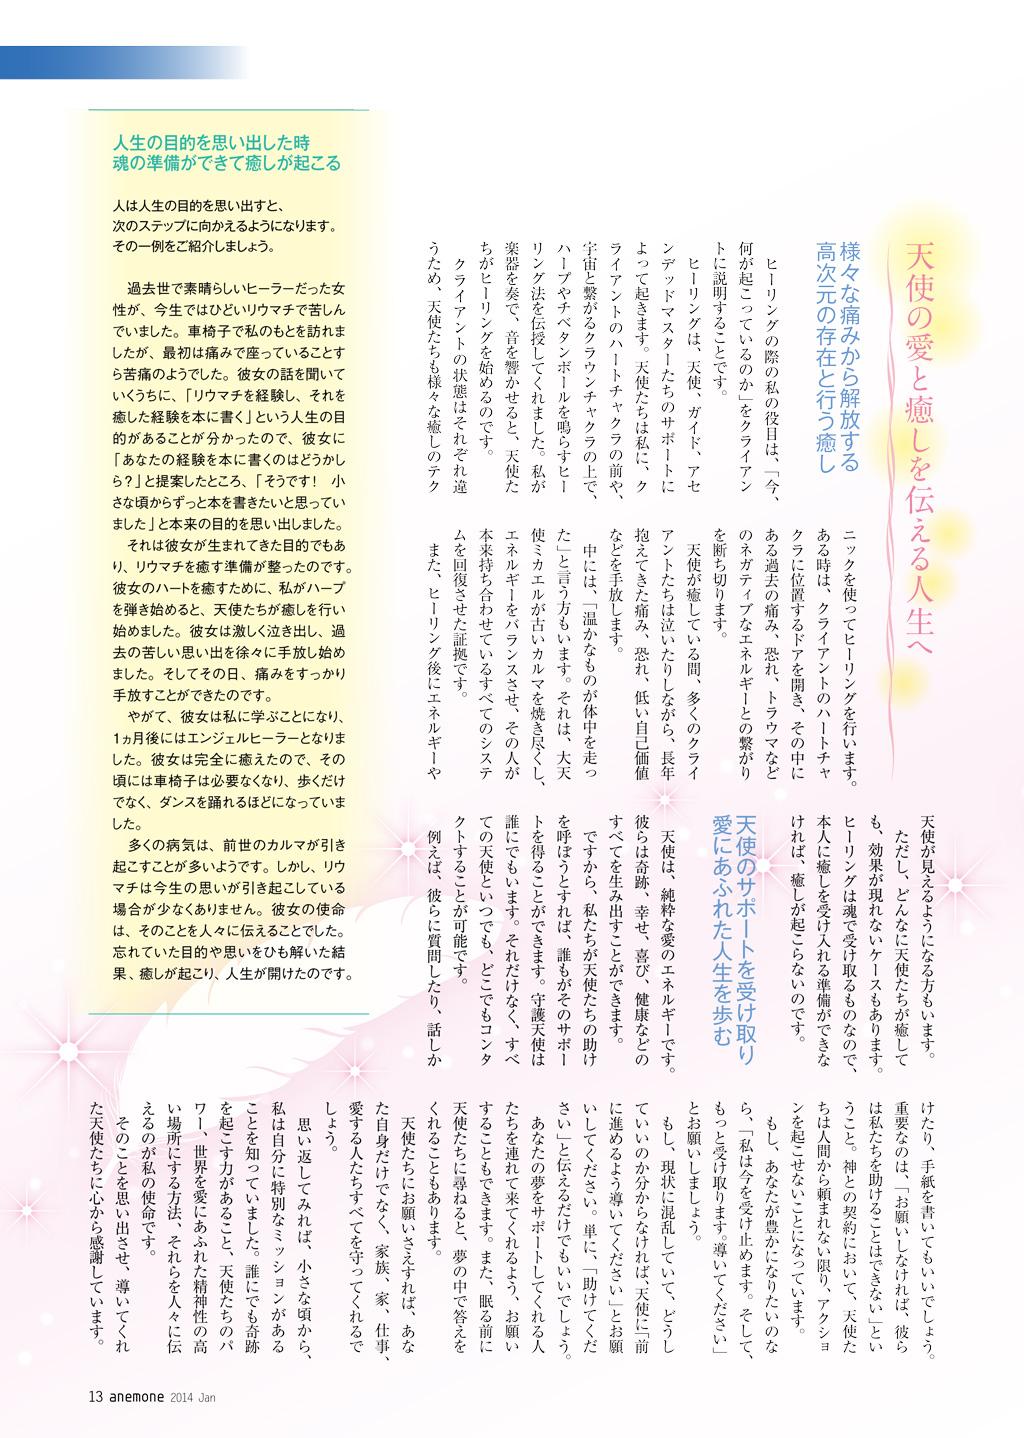 Anemon-Jan-2014-page6